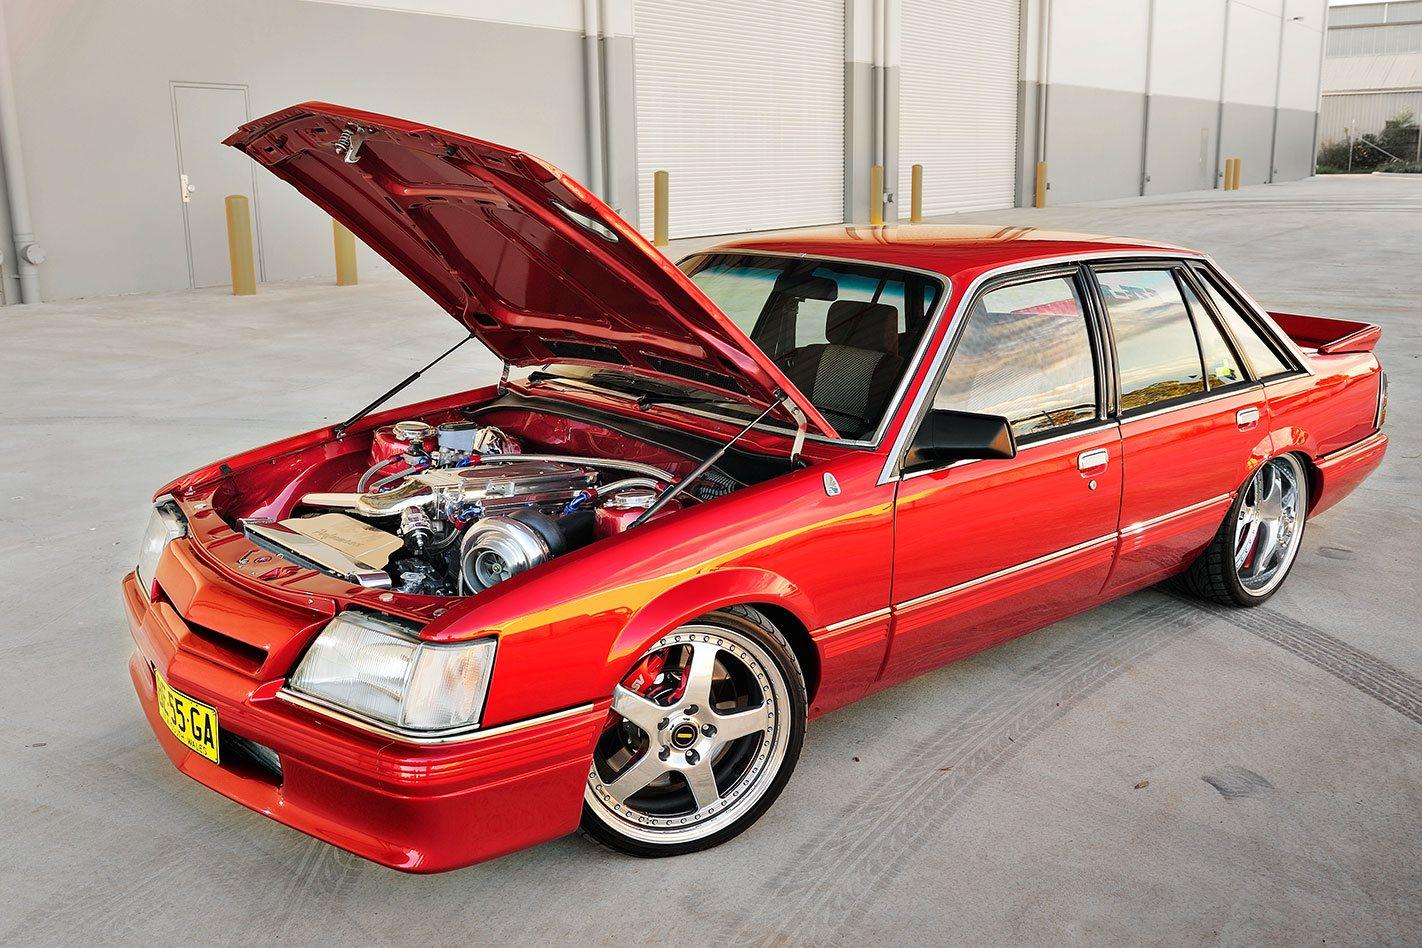 turbo 355 holden stroker powered 1984 hdt vk calais street machine